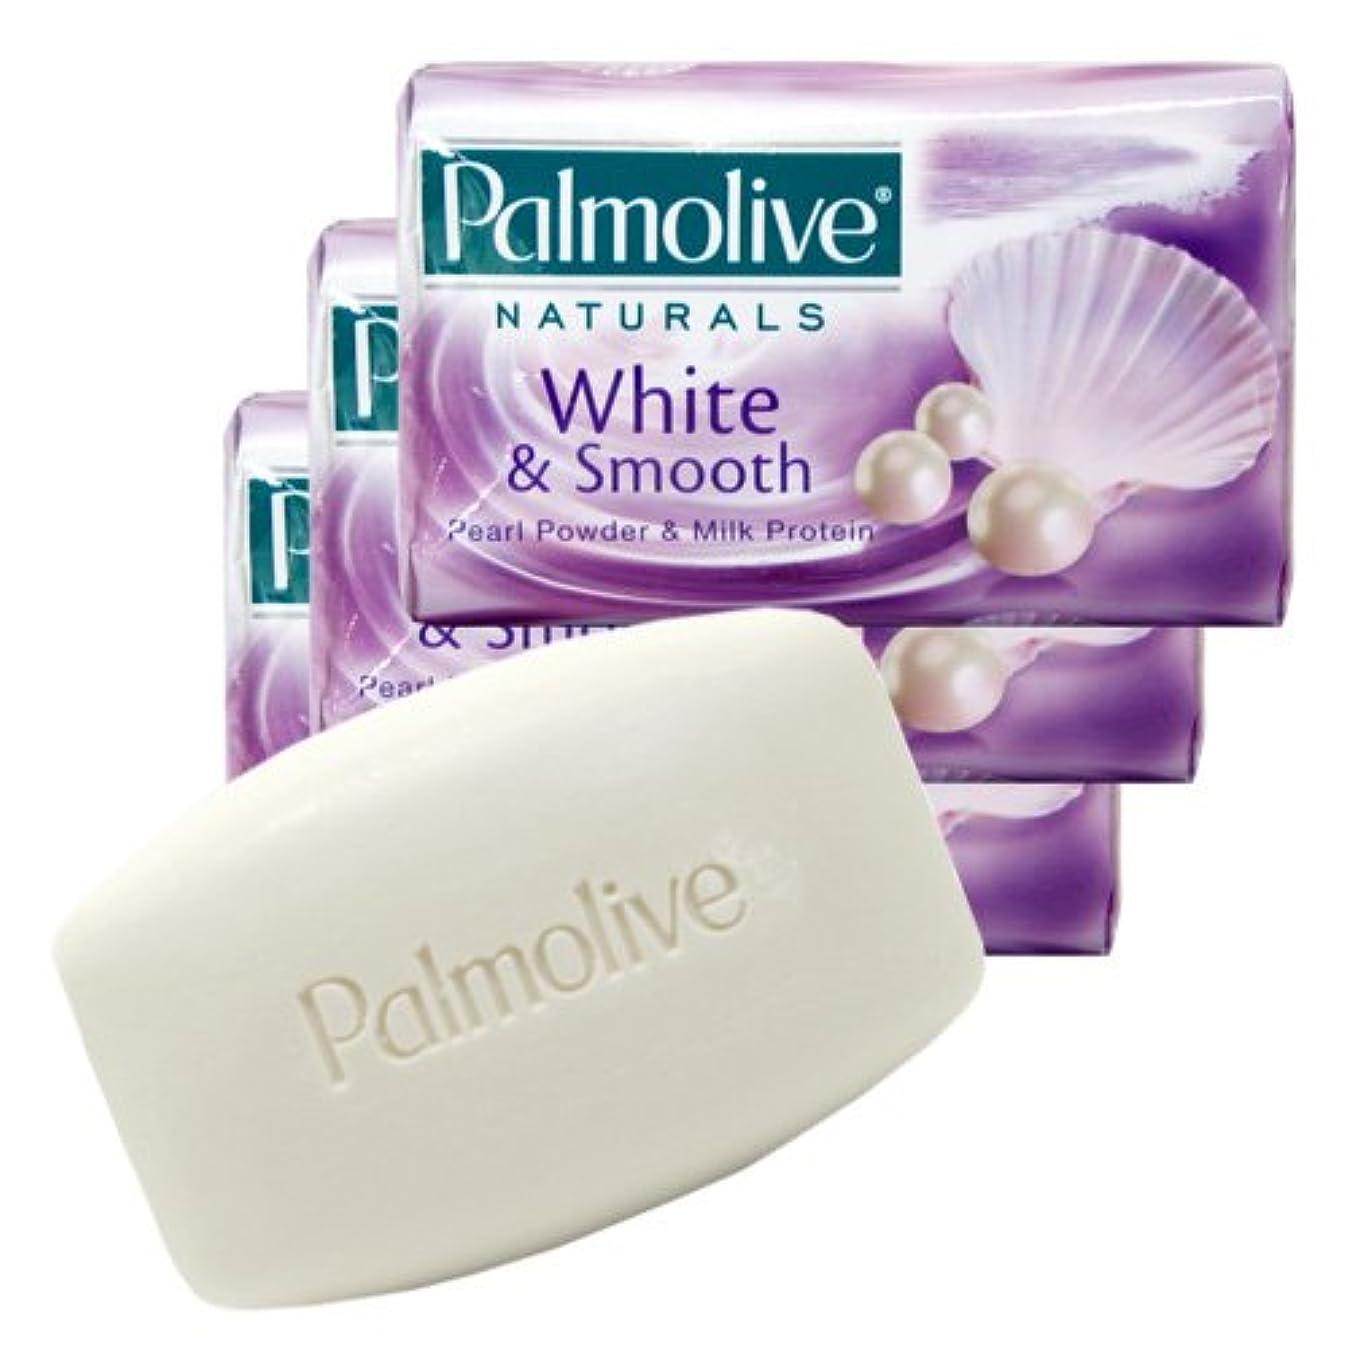 開始食事を調理する乳白【Palmolive】パルモリーブ ナチュラルズ石鹸3個パック ホワイト&スムース(パールパウダー&ミルクプロテイン)80g×3